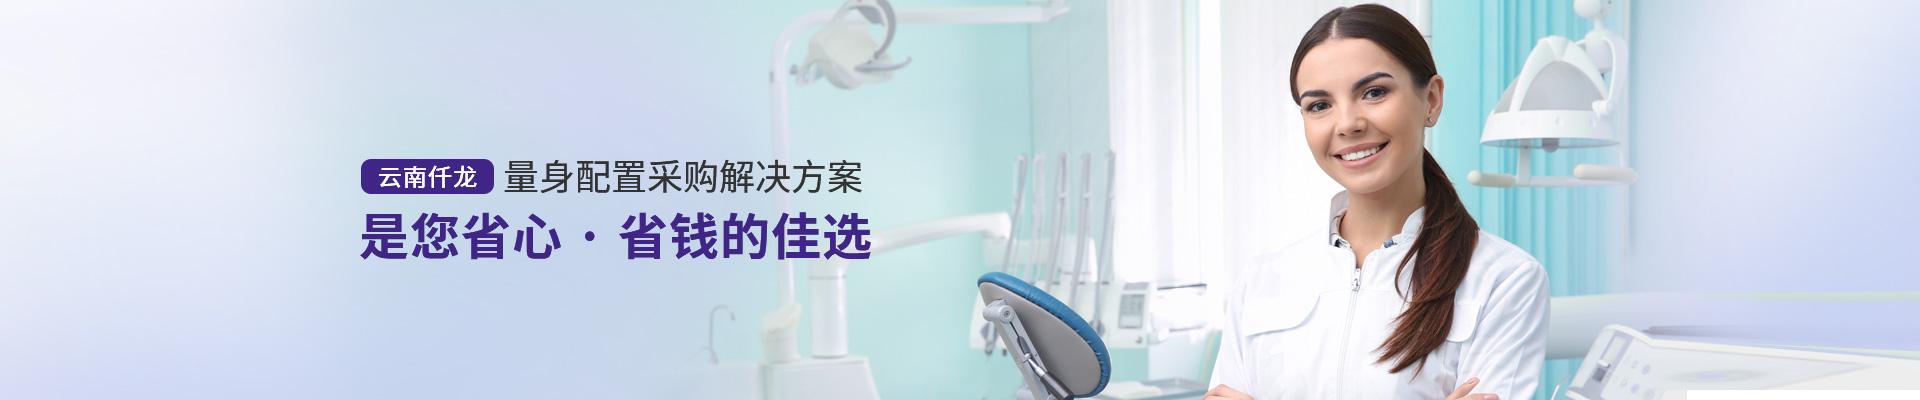 云南仟龙,量身配置采购解决方案,是您省心、省钱的佳选